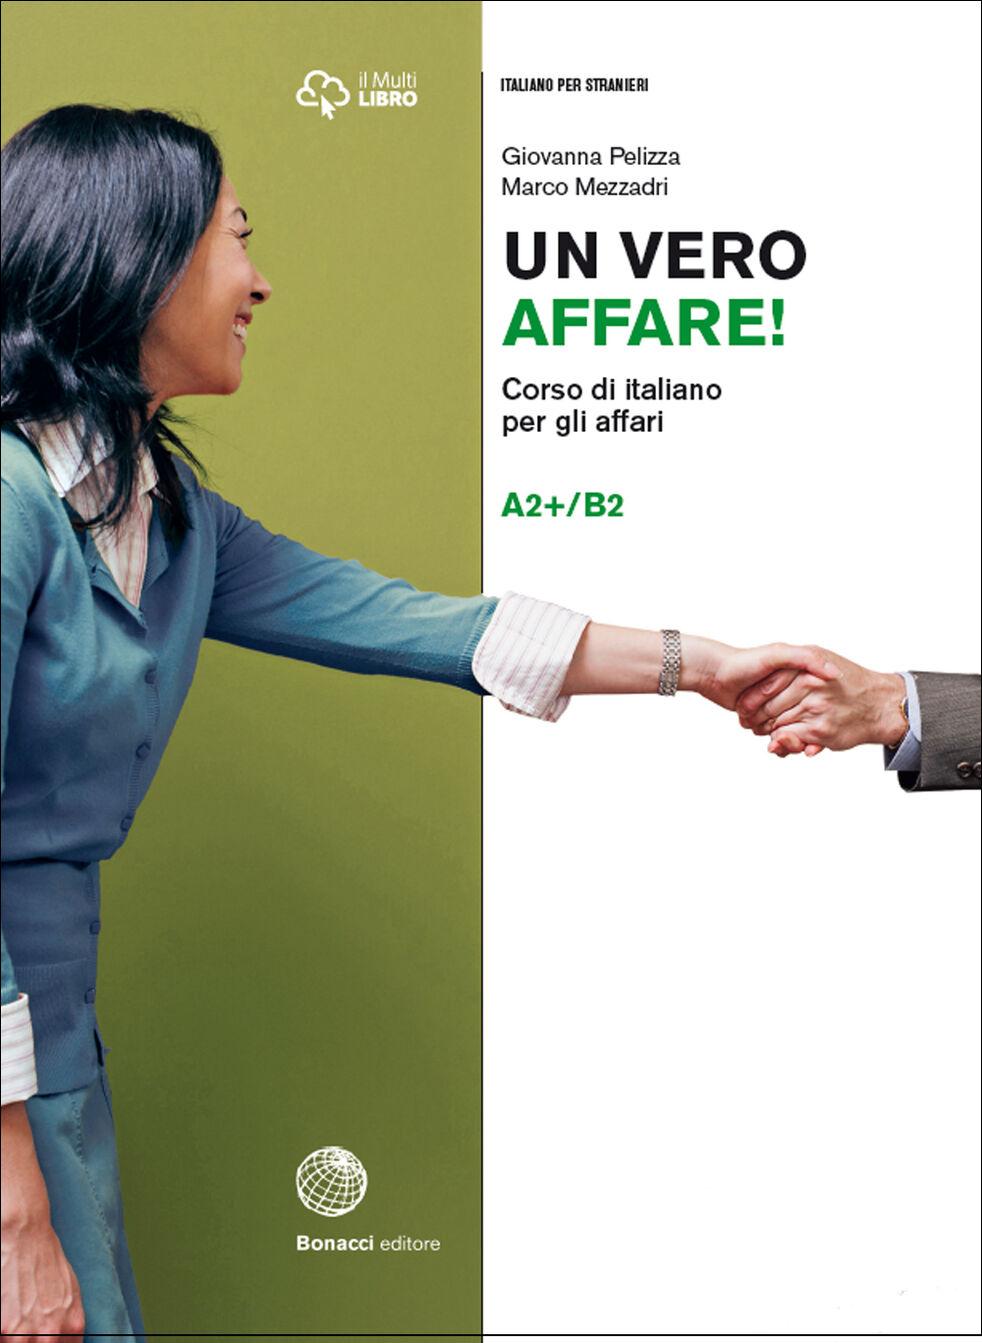 Un vero affare! Corso di italiano per gli affari. Livello A2+B2